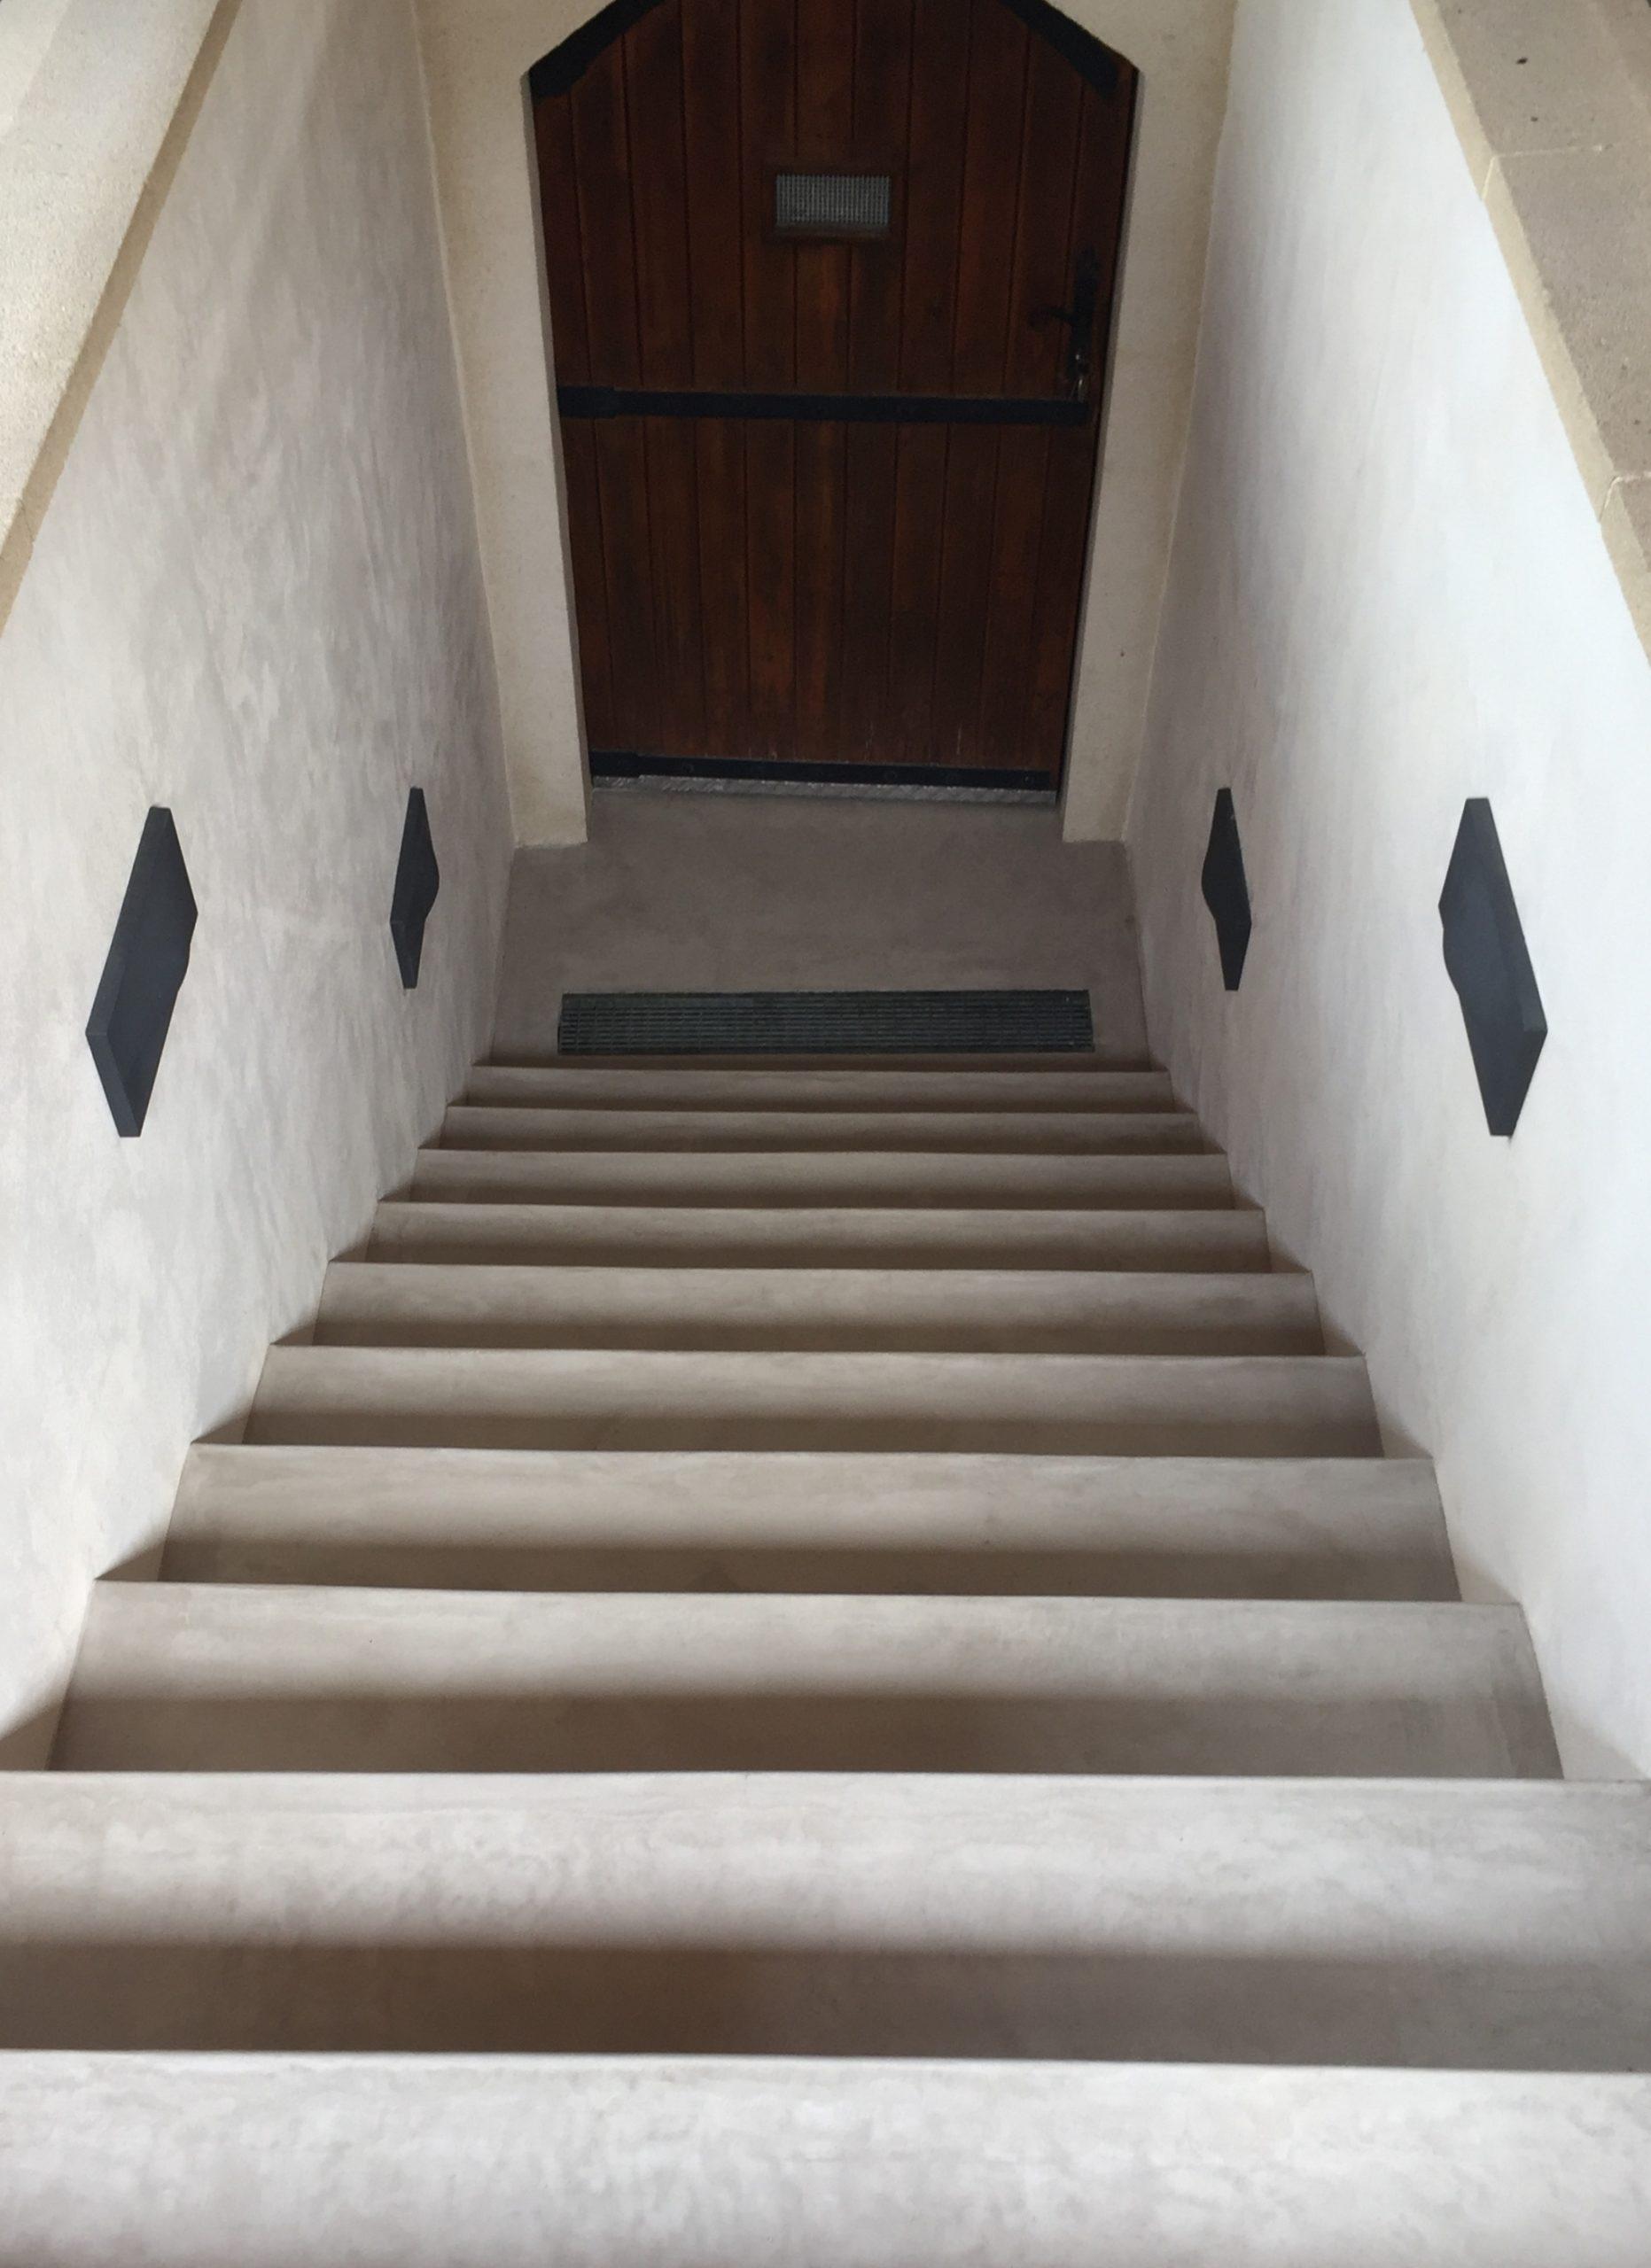 béton ciré ; béton au sol ;béton ciré de chaux ; béton ciré naturel ; yonne ; béton Puisaye ; Treigny ; béton ciré à la chaux ; sol escalier ; intérieur contemporain ; Betostuc Monotech Dolci ; sol écologique ; finition écologique ; sol en béton ; rénovation escalier ; relloker son escalier ; relooker son sol ; intérieur moderne ; sol moderne ; du béton ciré au sol ; escalier de cave en béton